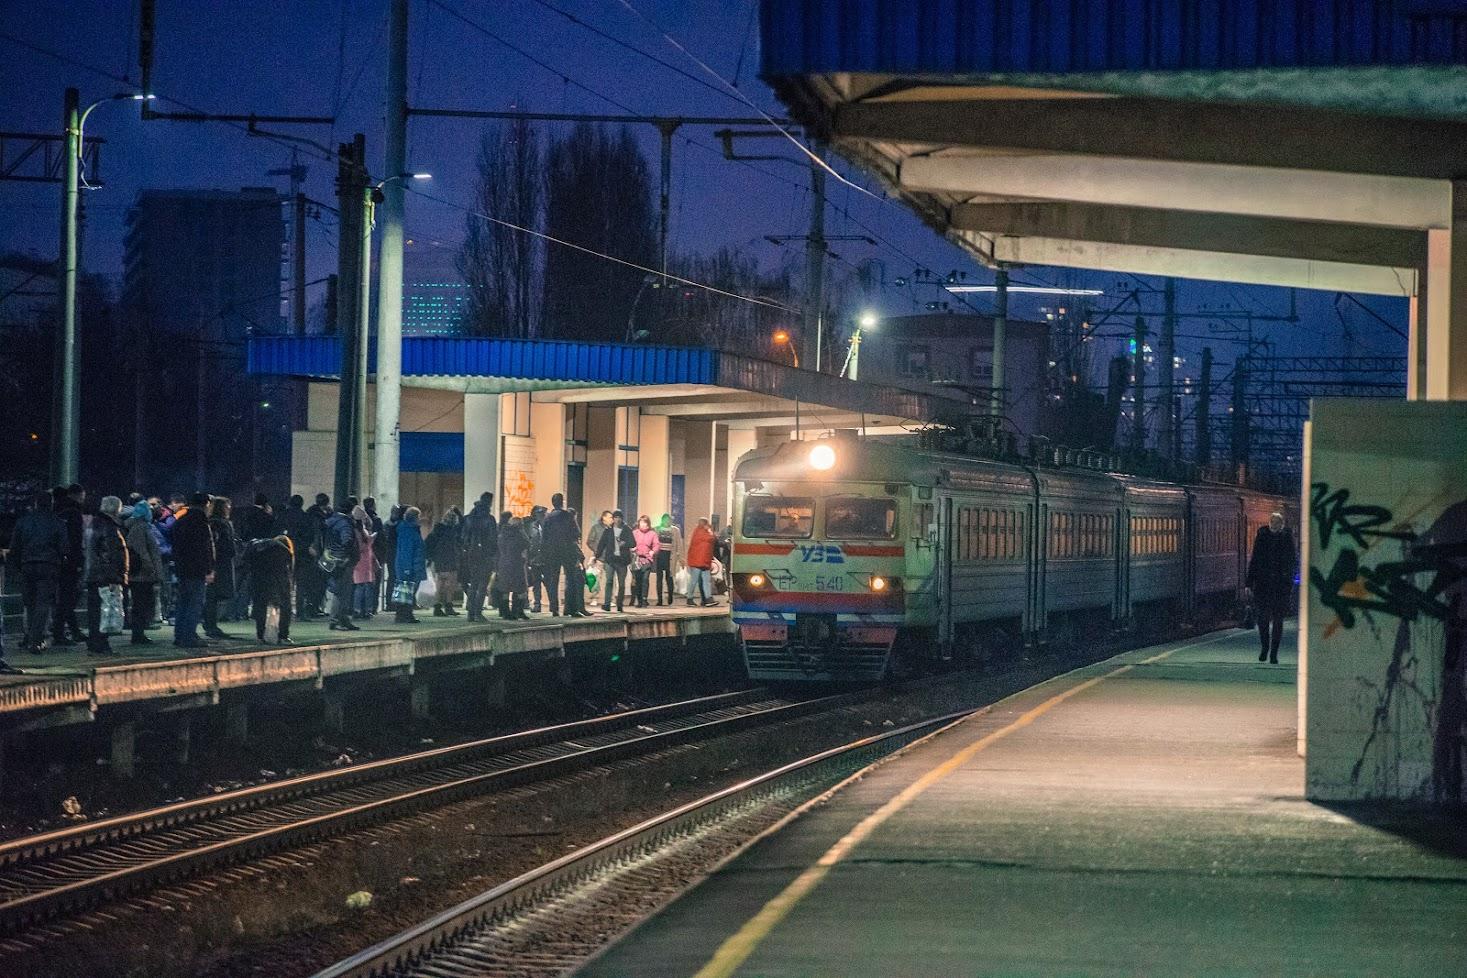 Електричка на станції Протасів Яр